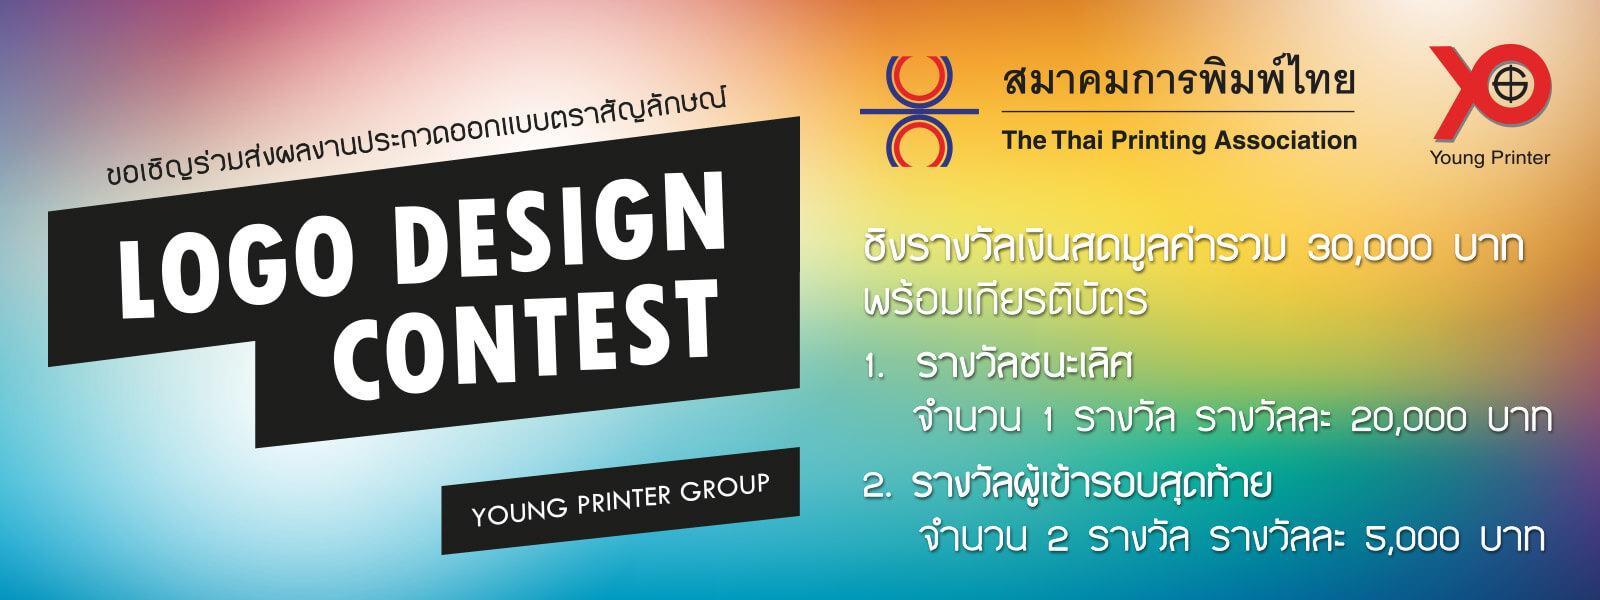 20181020_logo-contest-ypg_1600x600_01